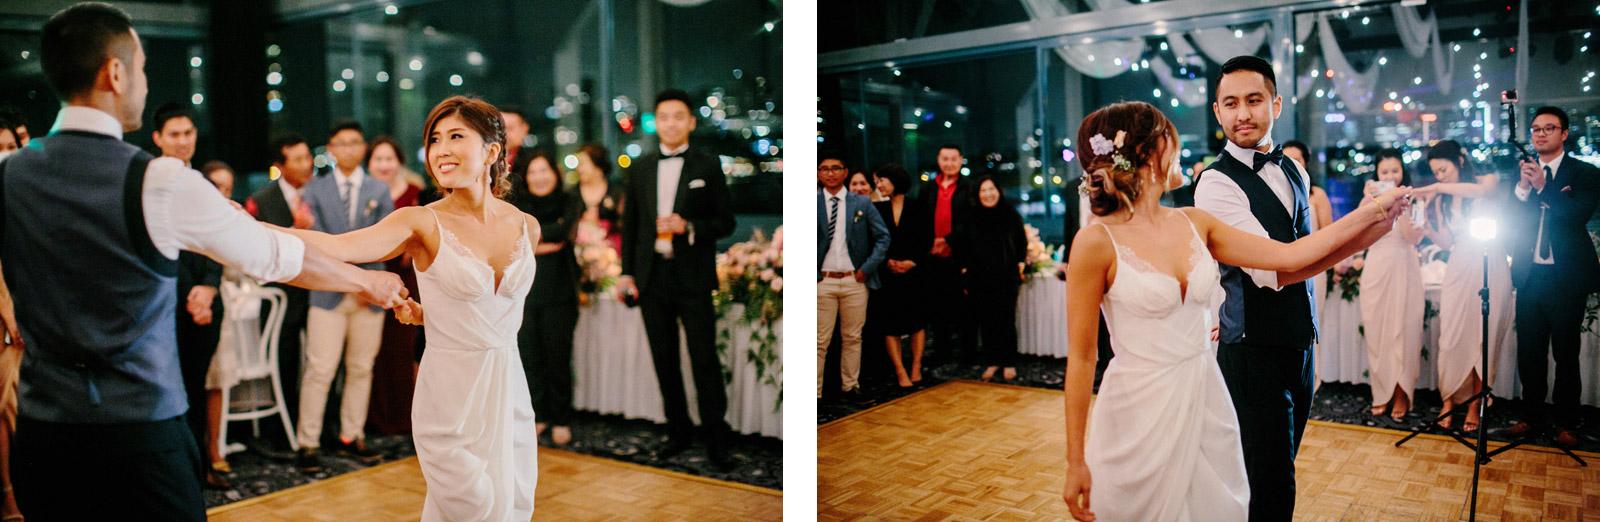 wedding-sonia-kev-109